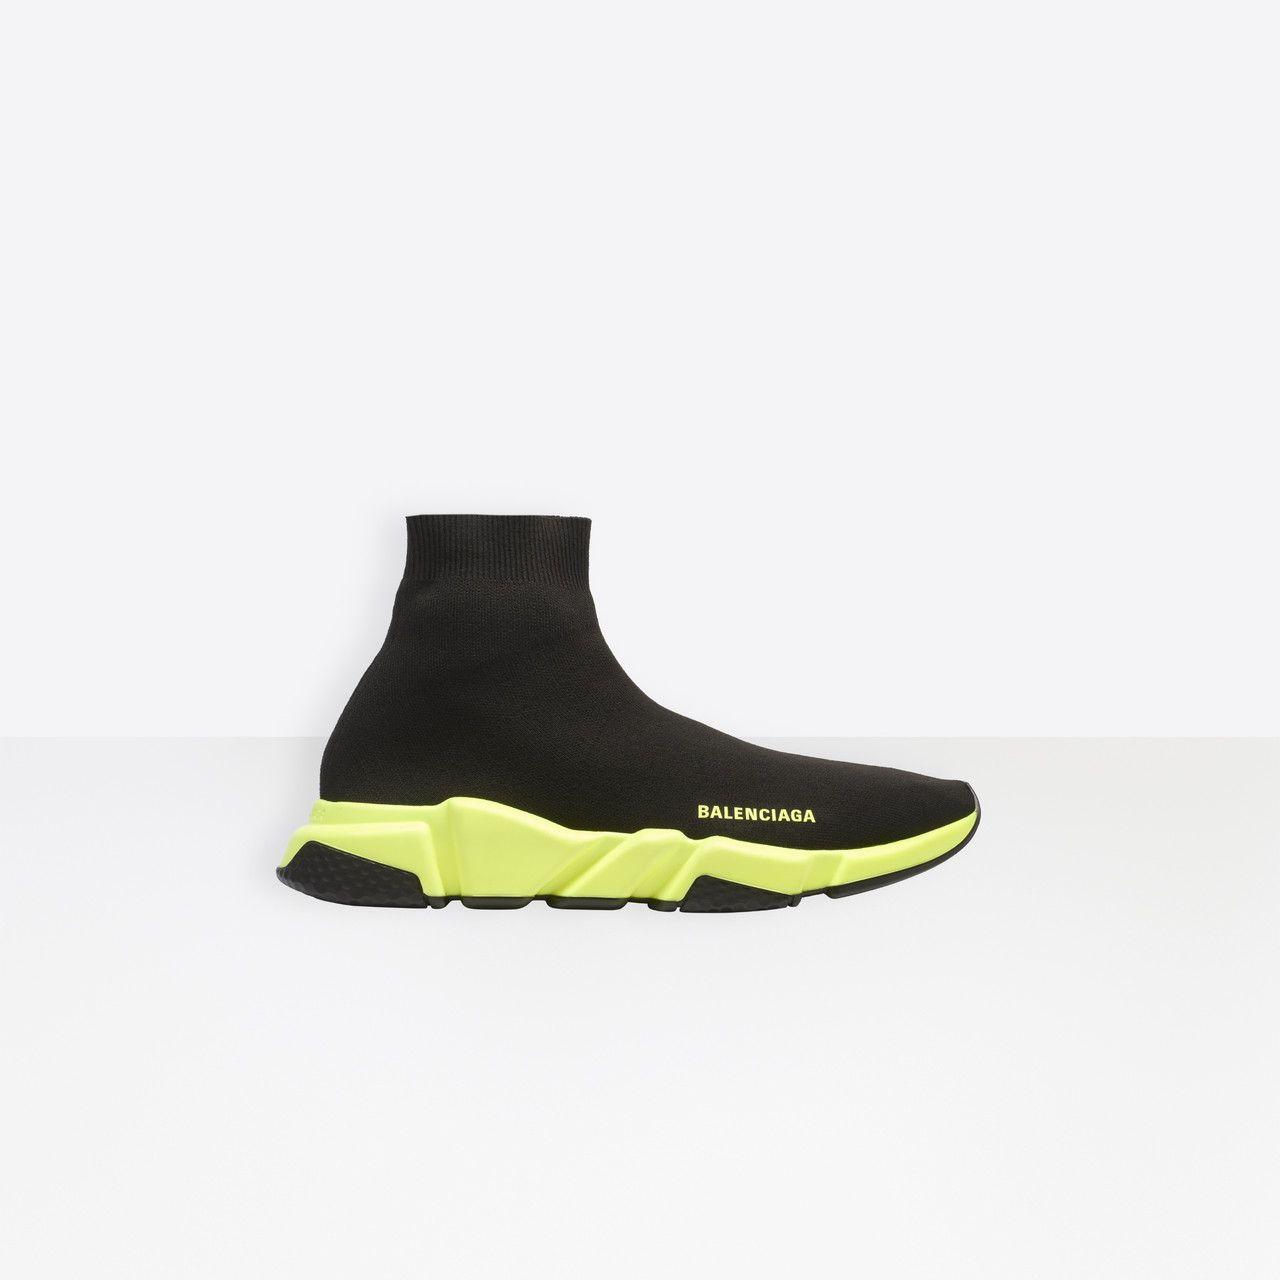 Sneakers, Balenciaga trainers, Balenciaga